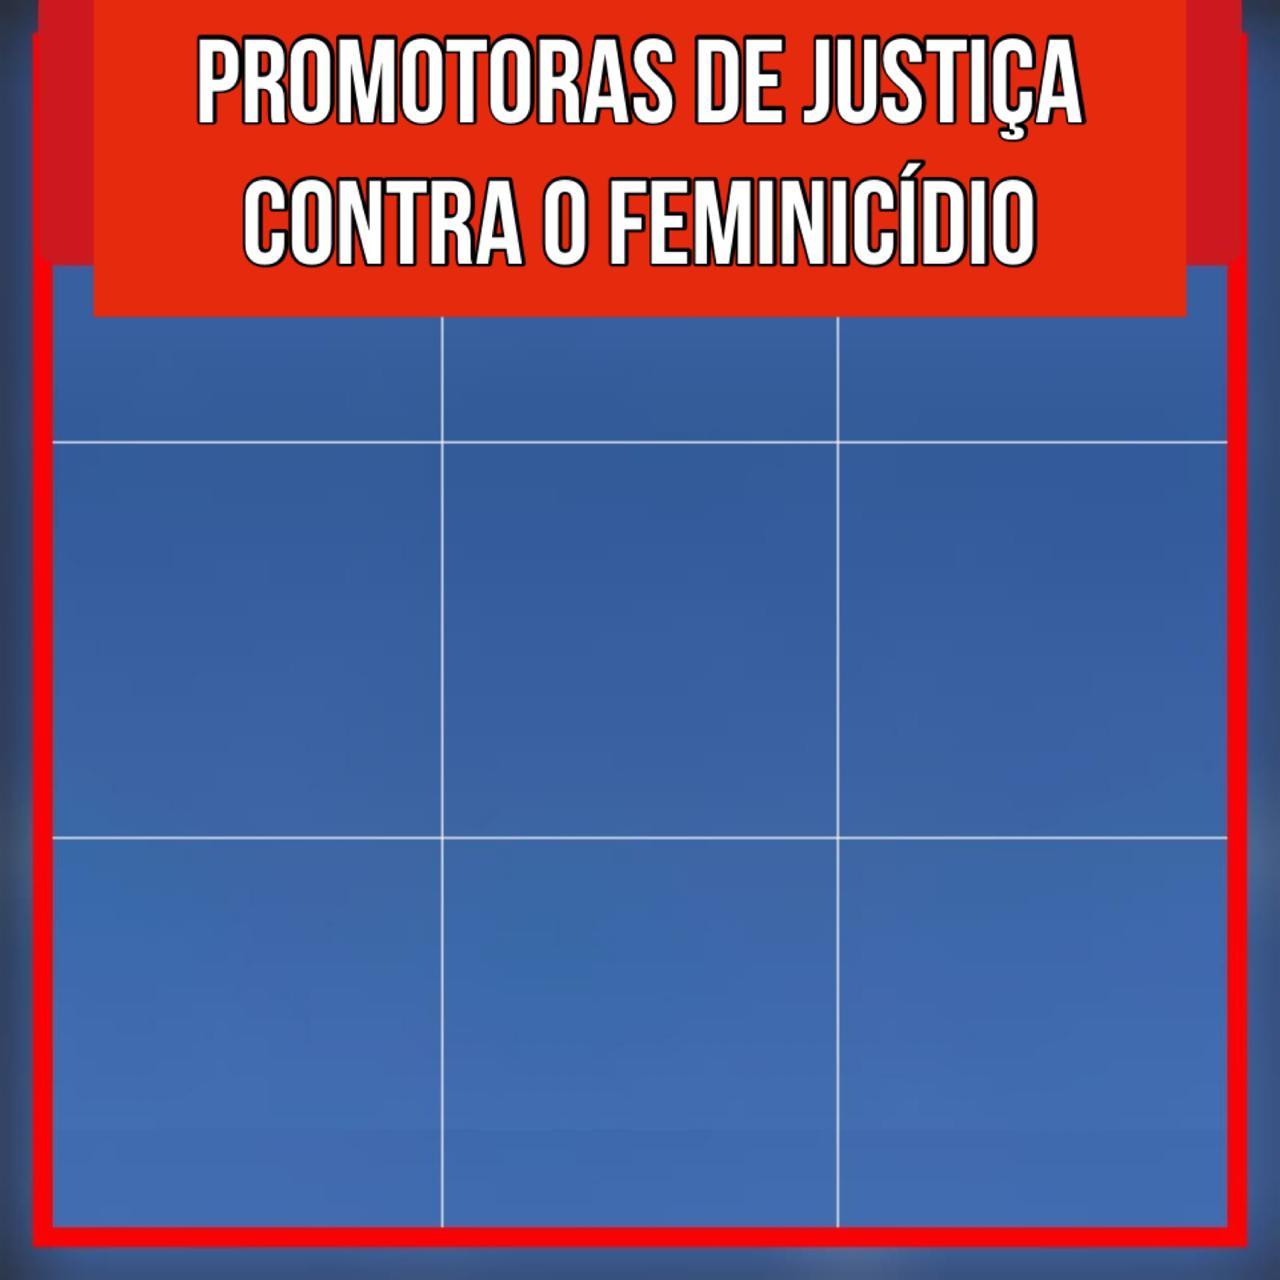 promotoras_feminicidio.jpeg